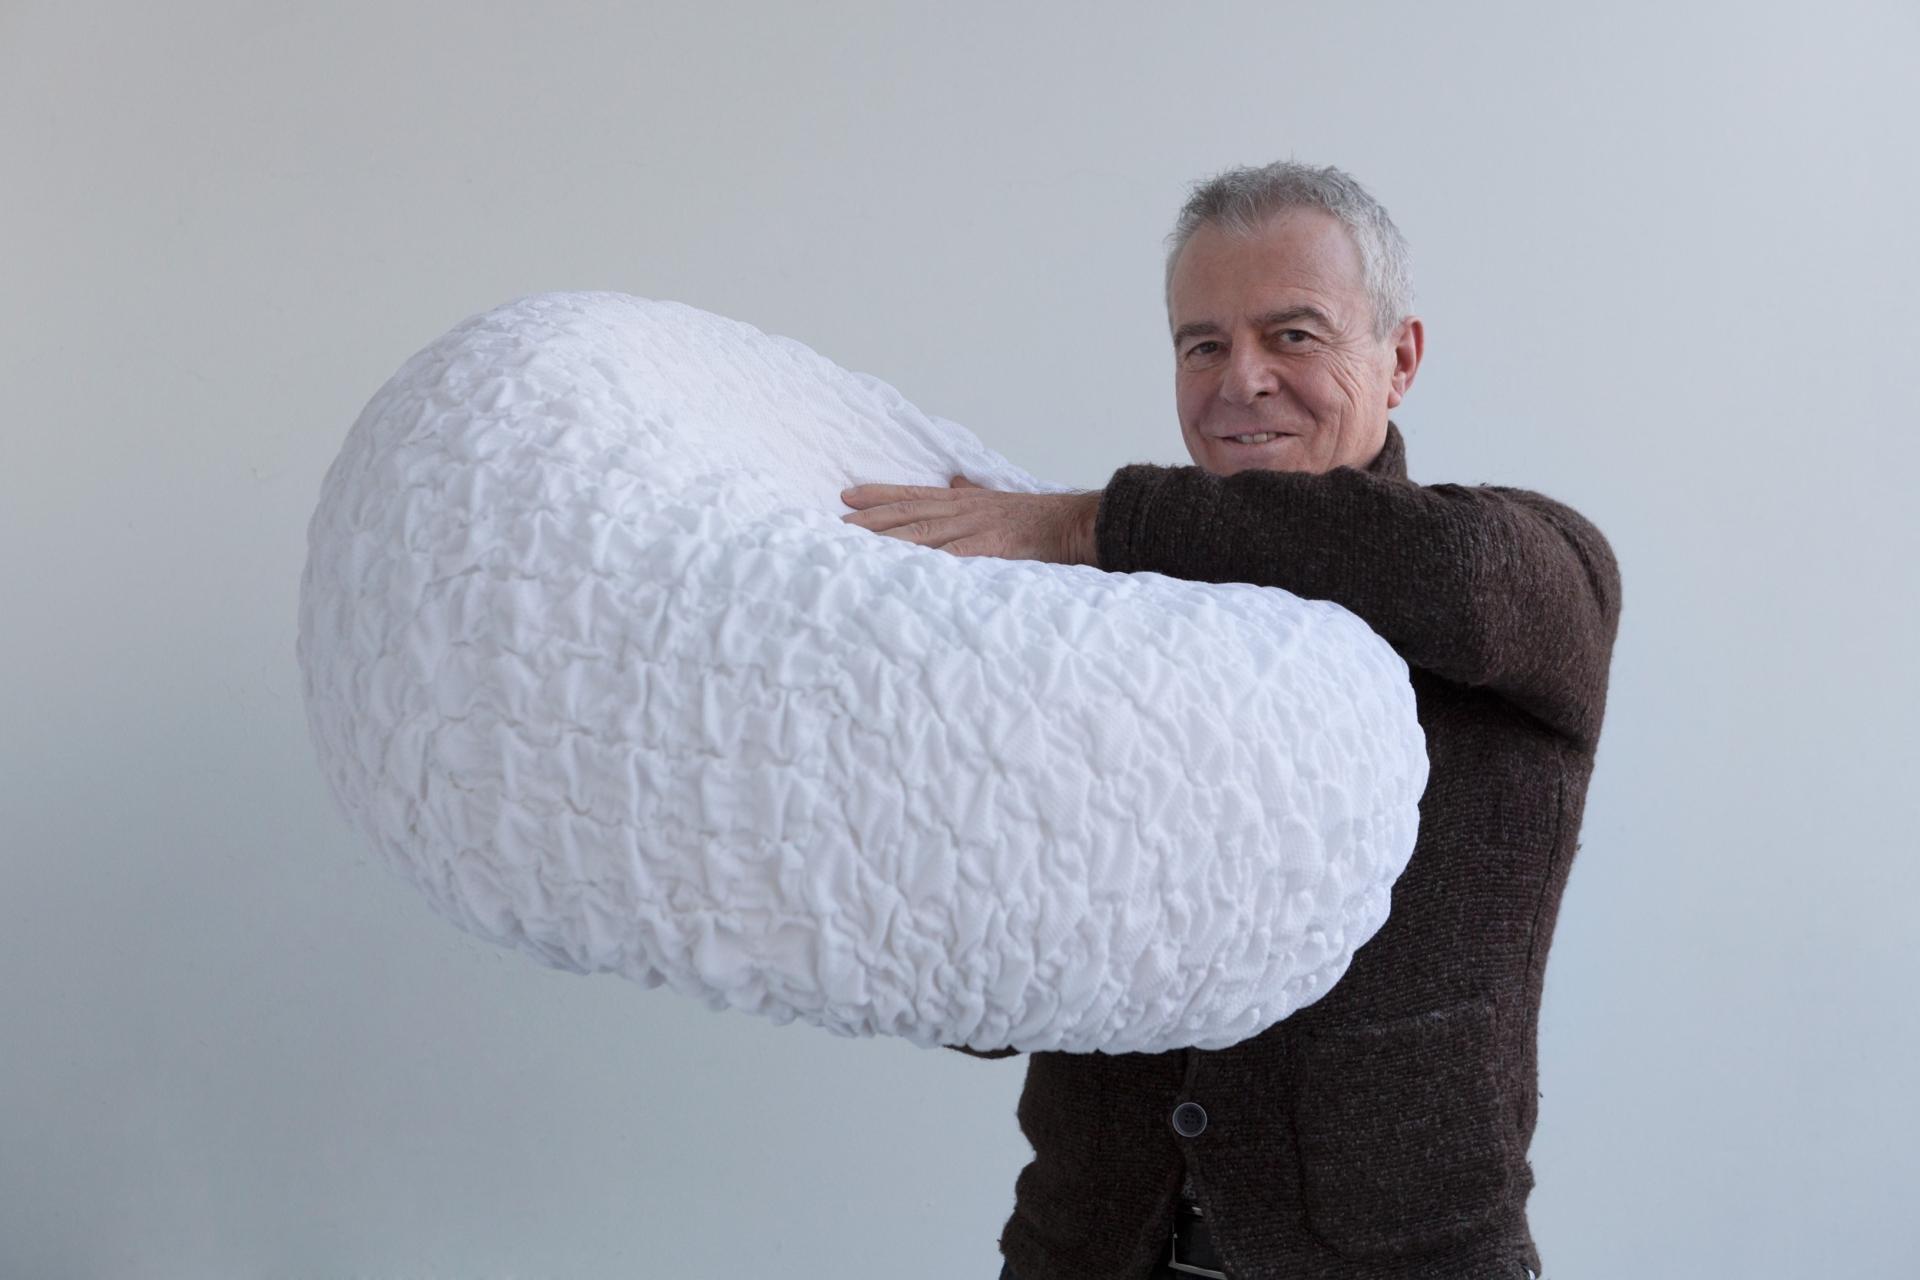 Studio Sanaa poltrona a forma di nuvola L16 con Luciano Marson Creative Director di LightsOn